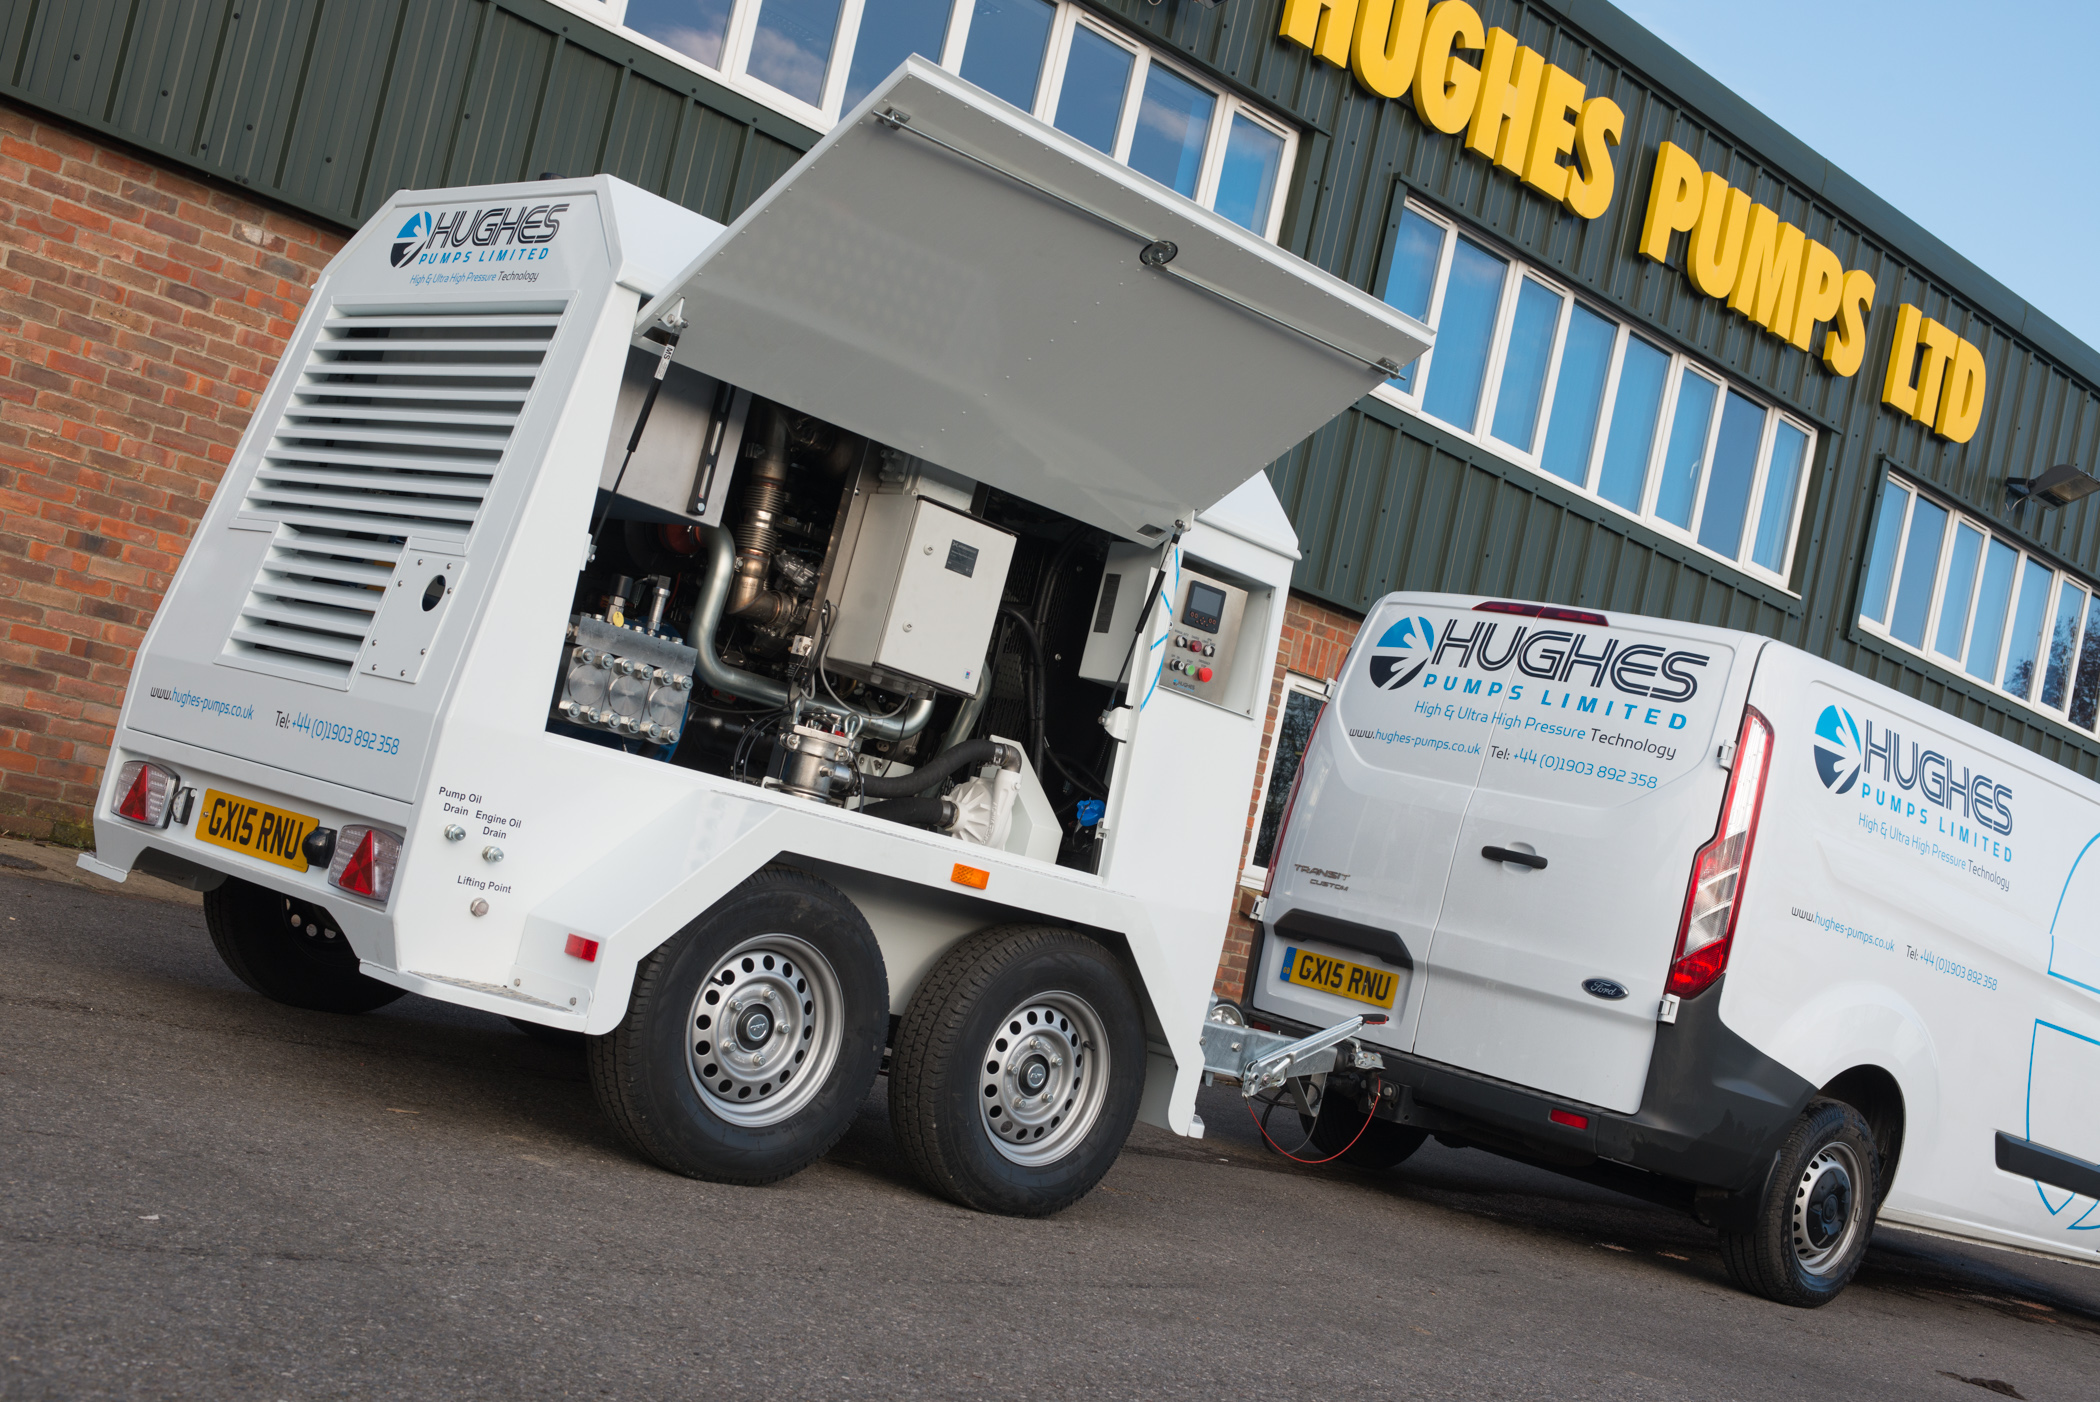 Hughes Pumps PR